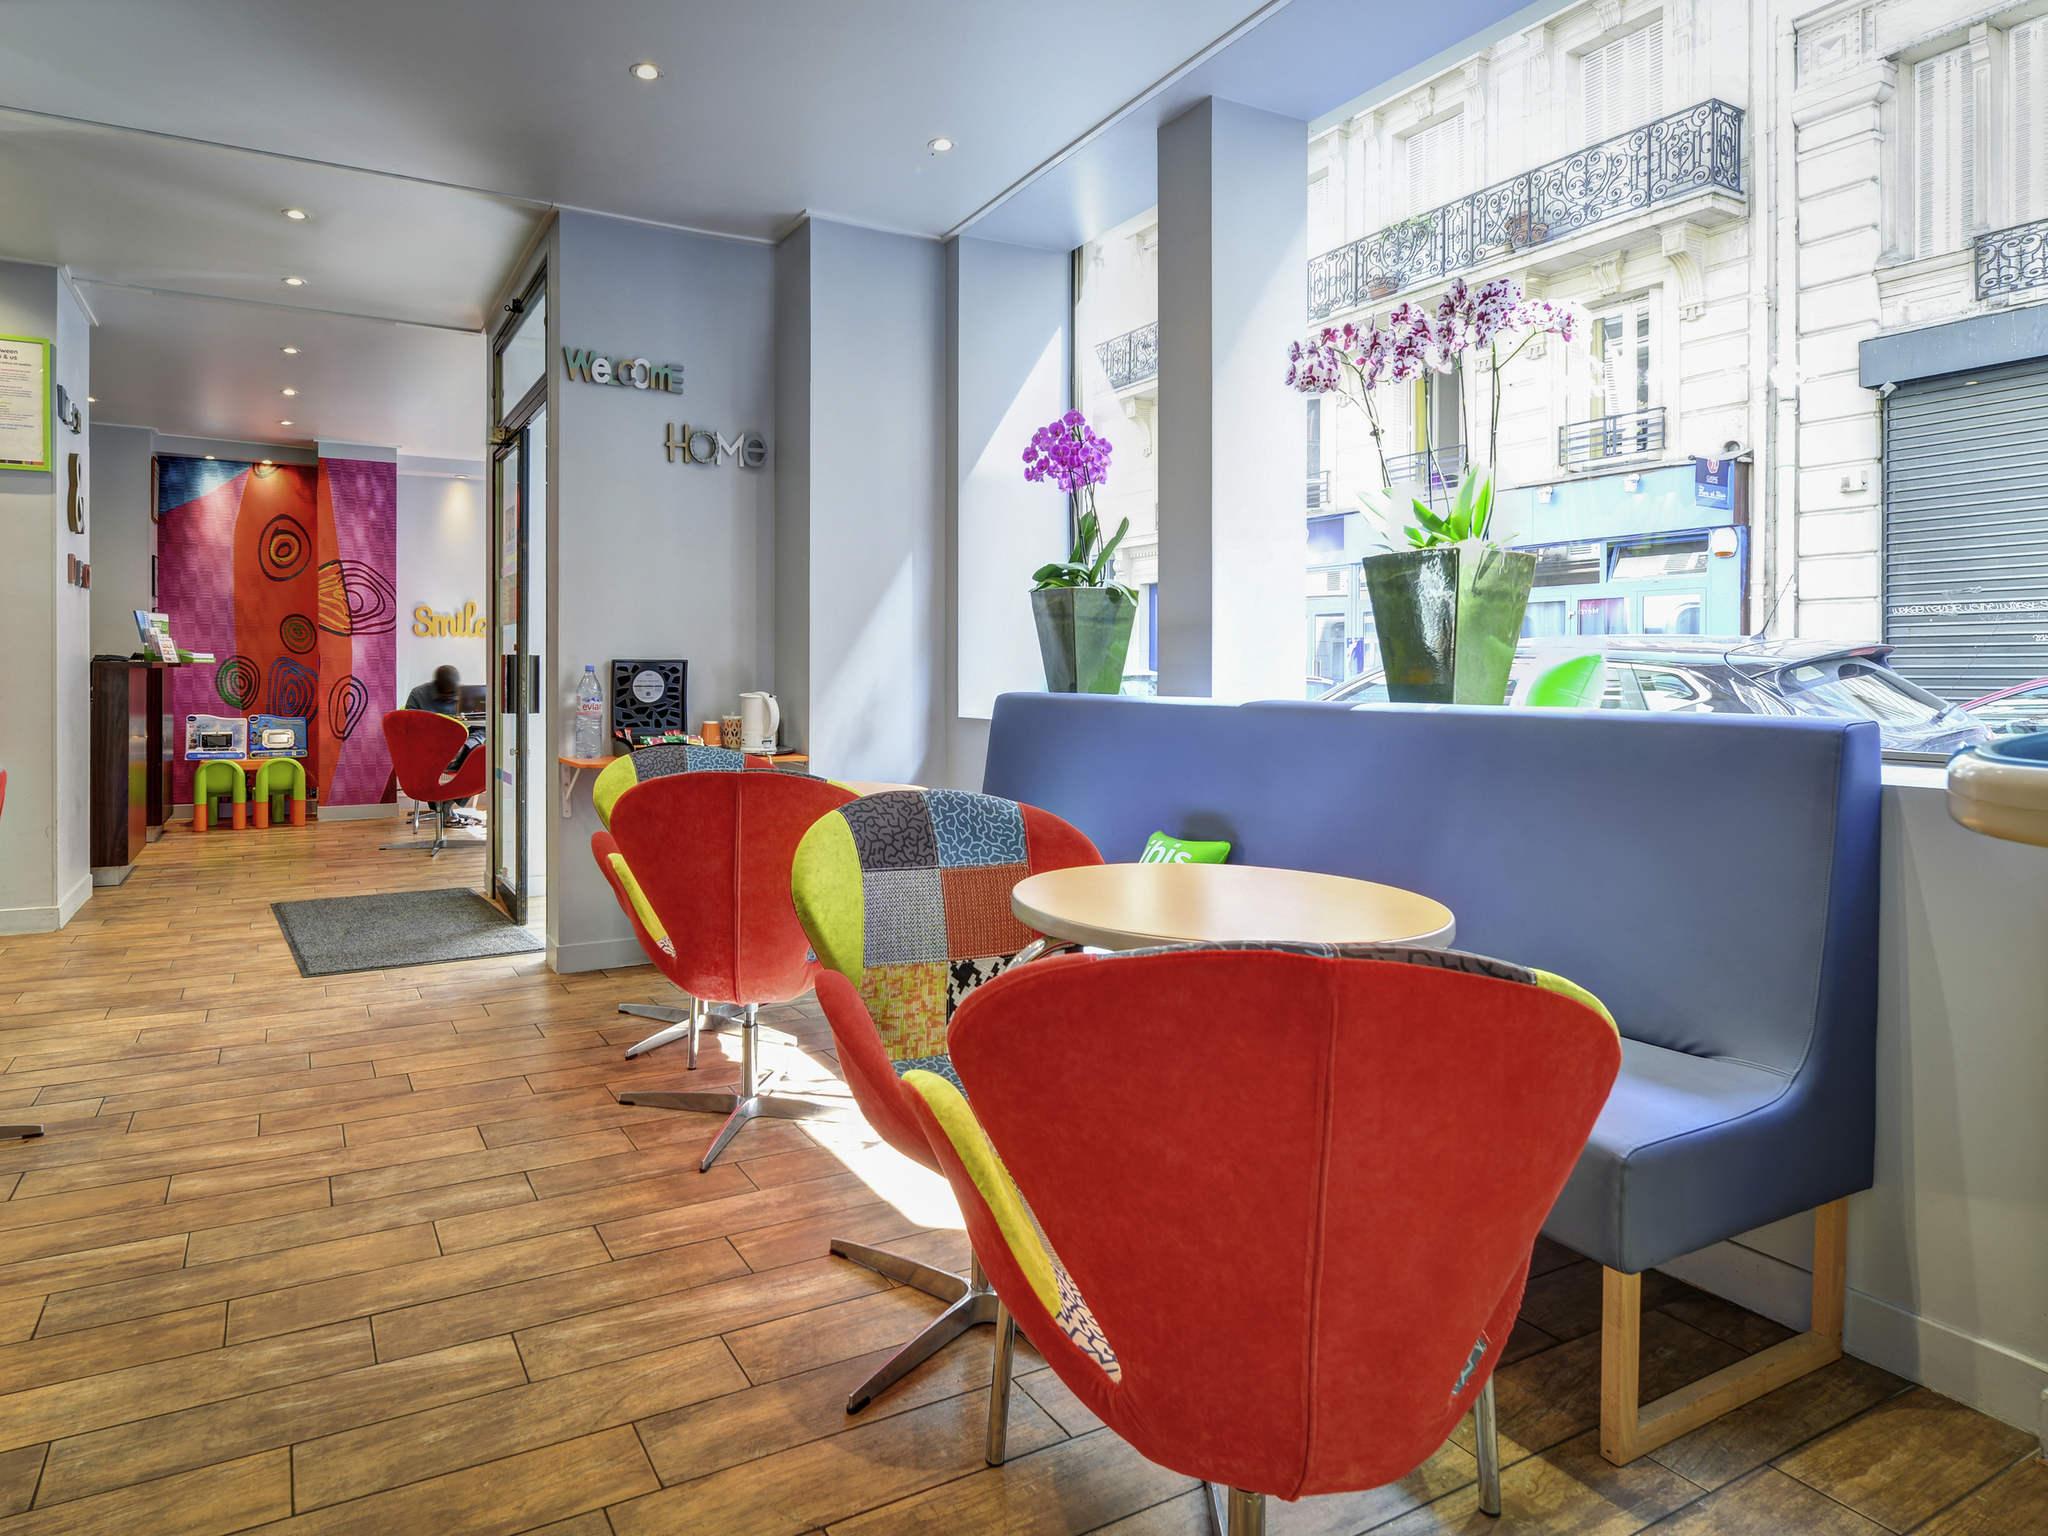 โรงแรม – ไอบิส สไตลส์ ปารีส ลาฟาแยต โอเปร่า